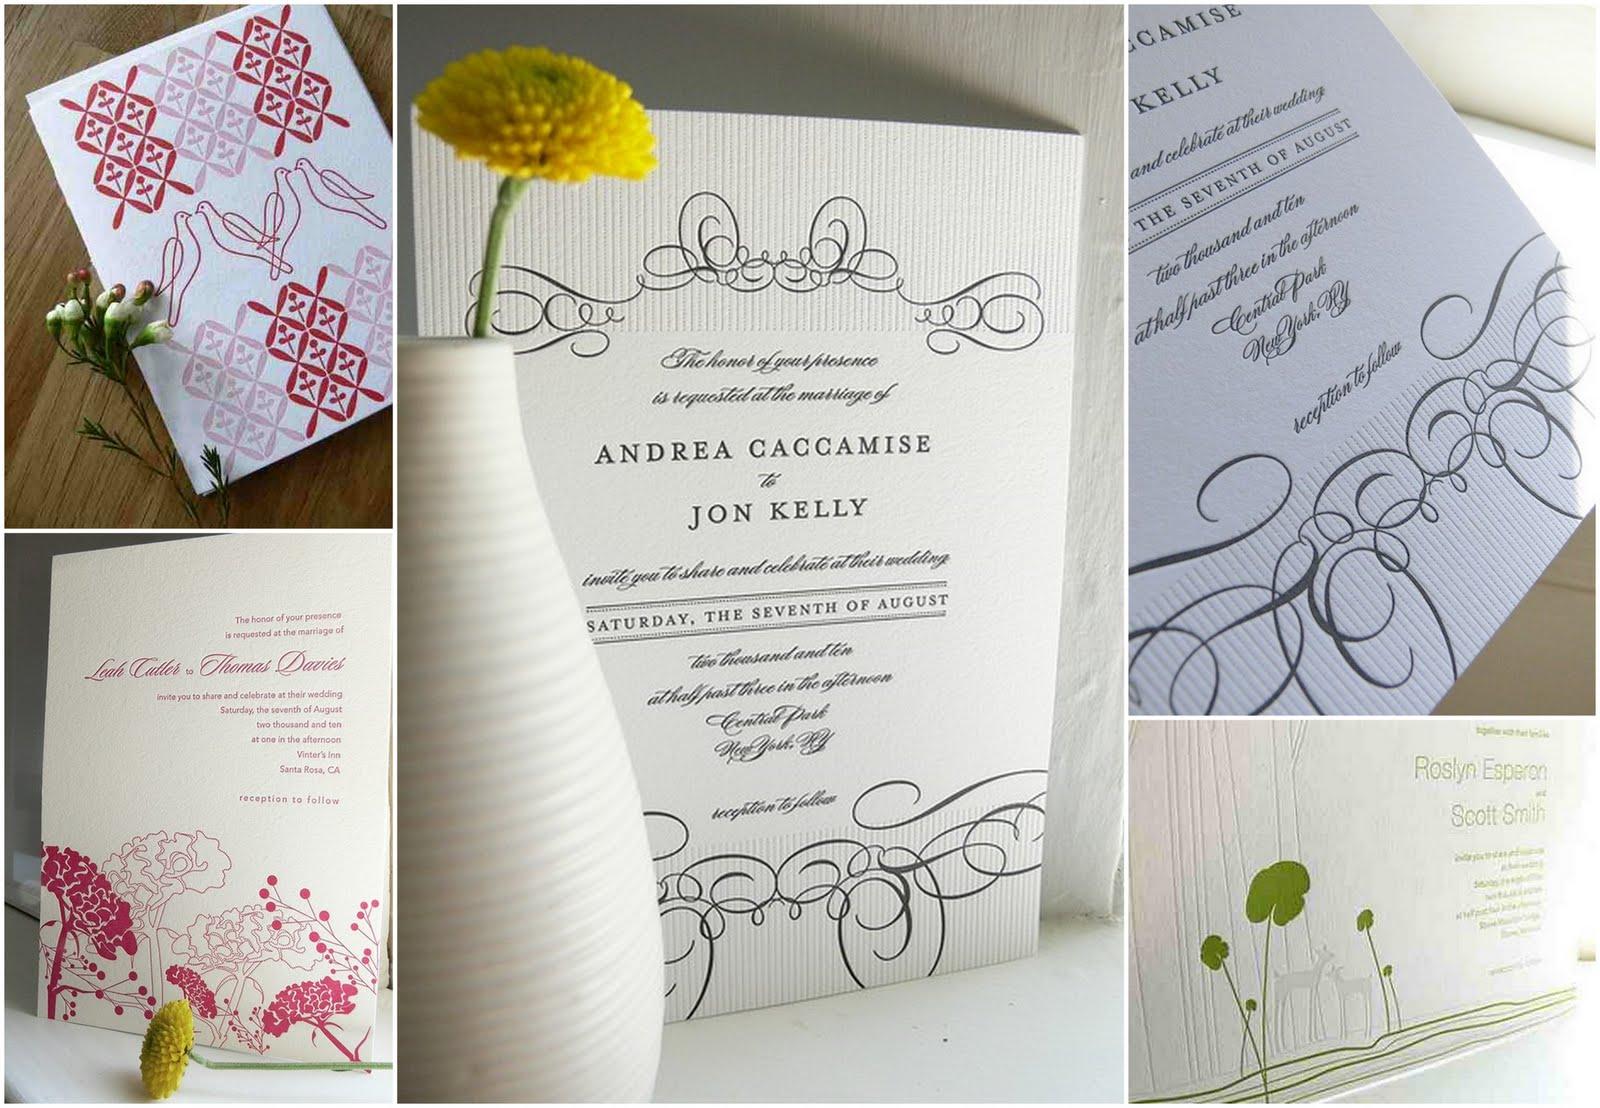 Wedding Gift Card Inscriptions : Wedding Day wedding invitation inscriptions